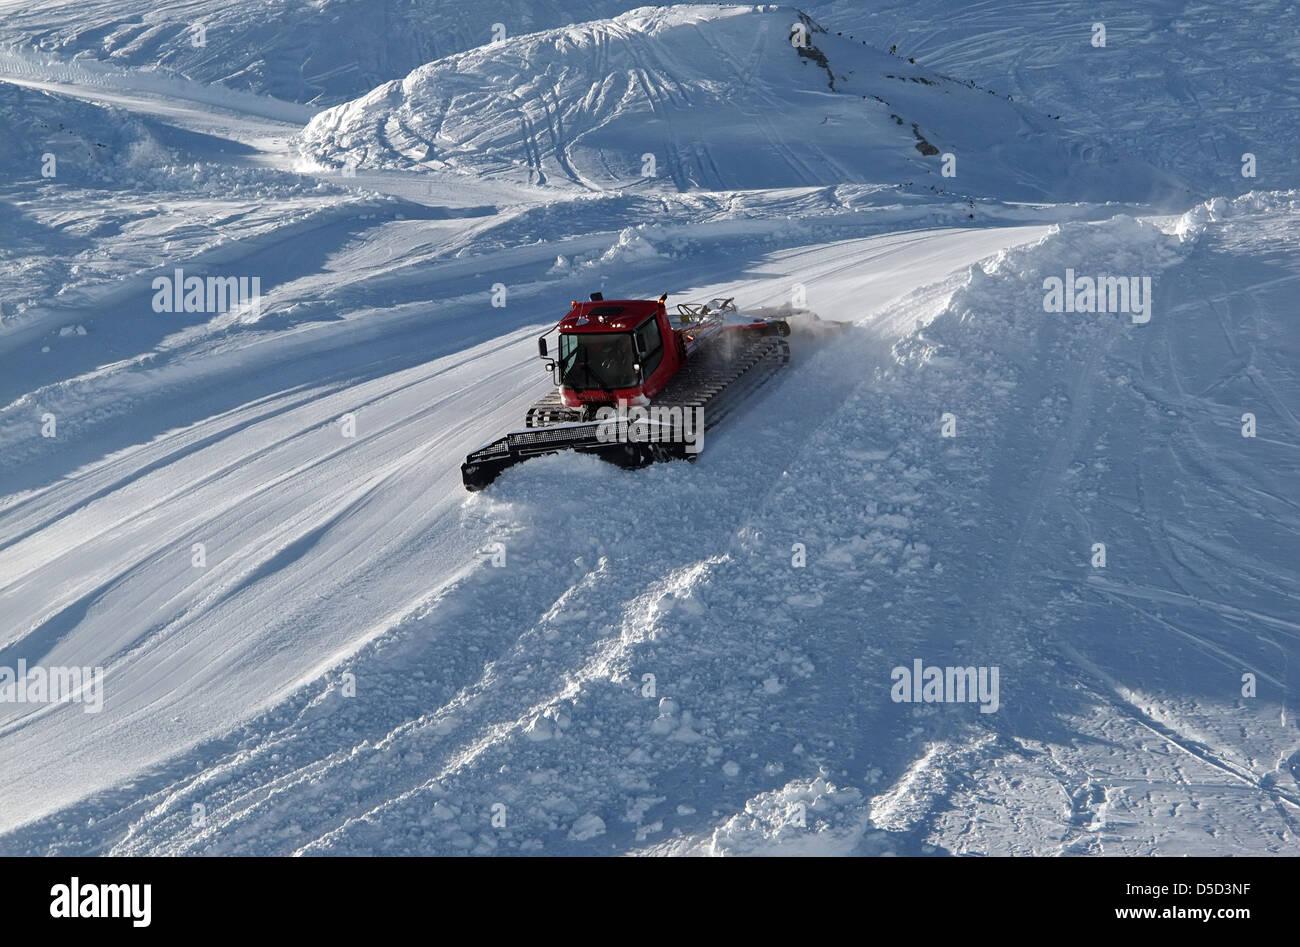 Krippenbrunn, Austria, snow cat groomed a ski slope - Stock Image